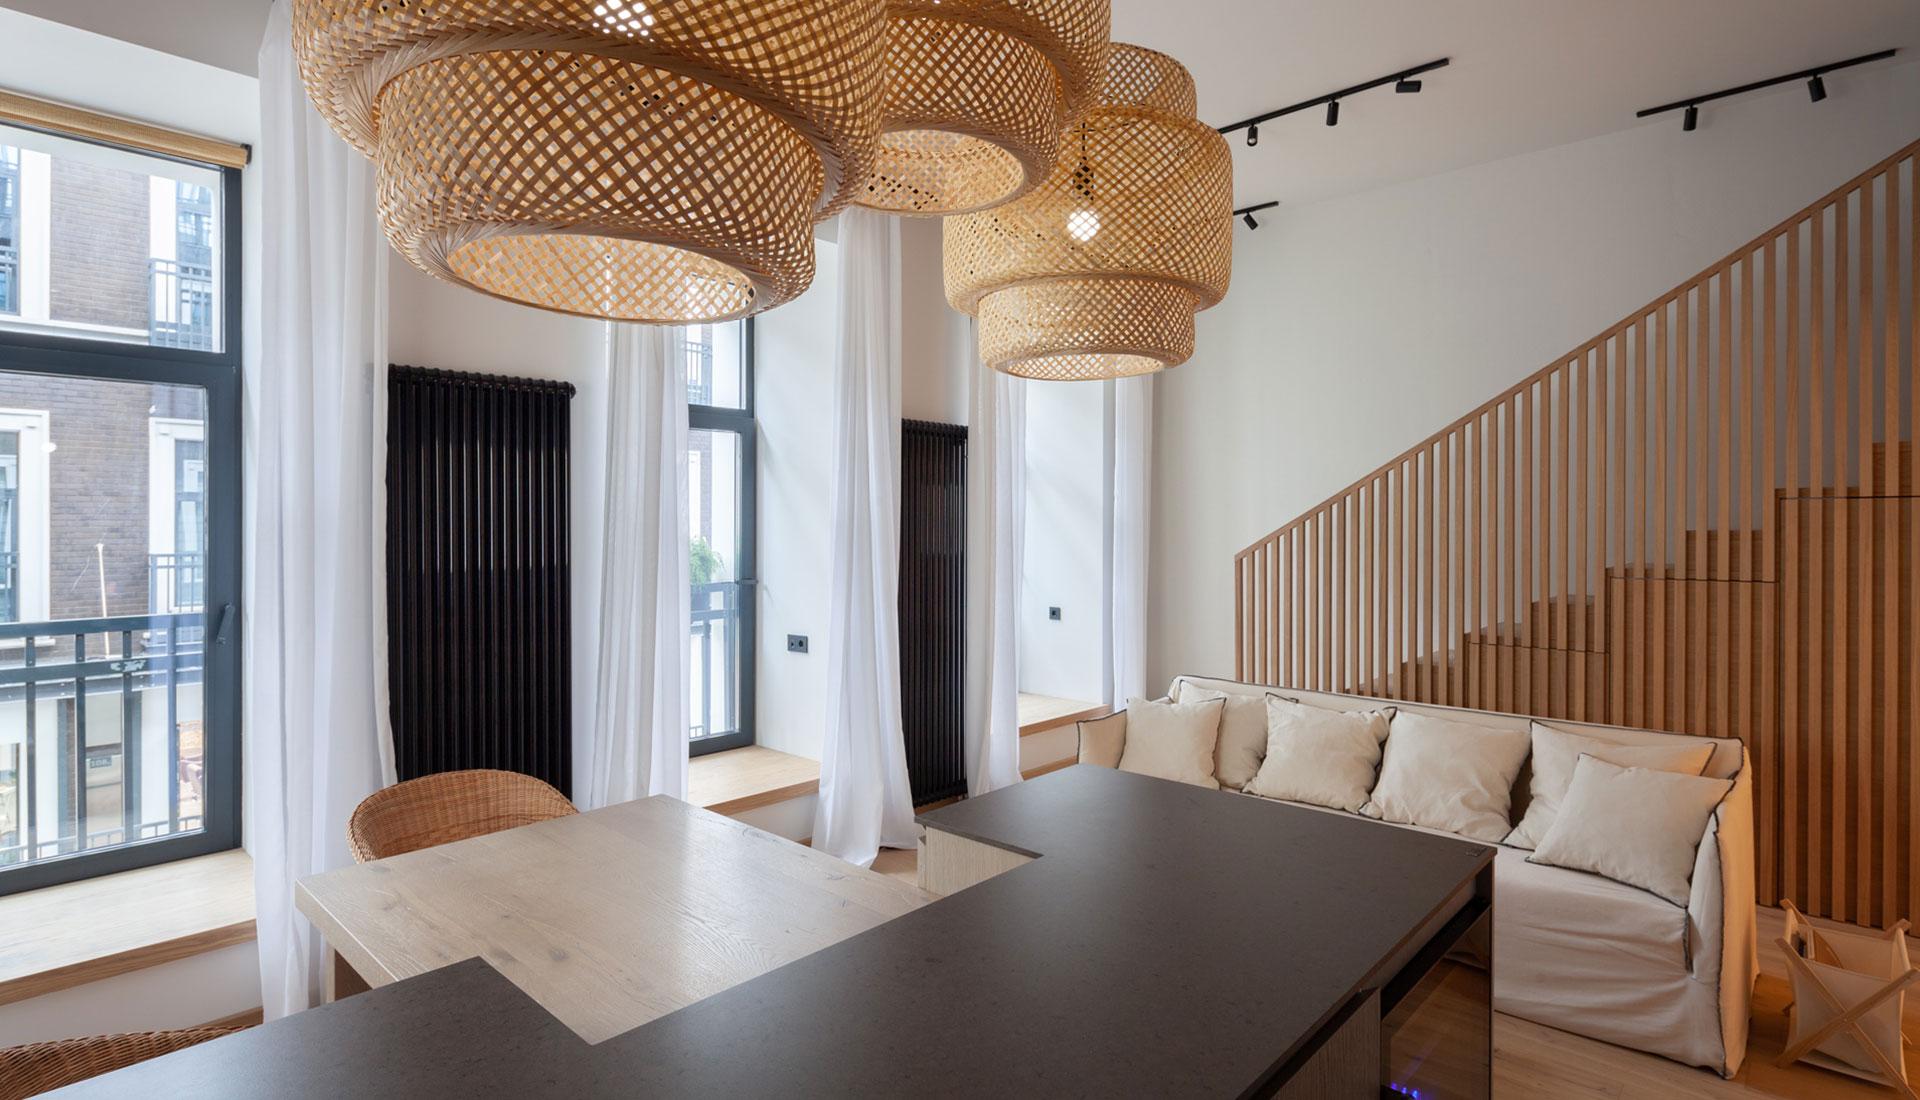 Квартира 40 кв. метров с антресолью: проект дизайн-бюро Special Style